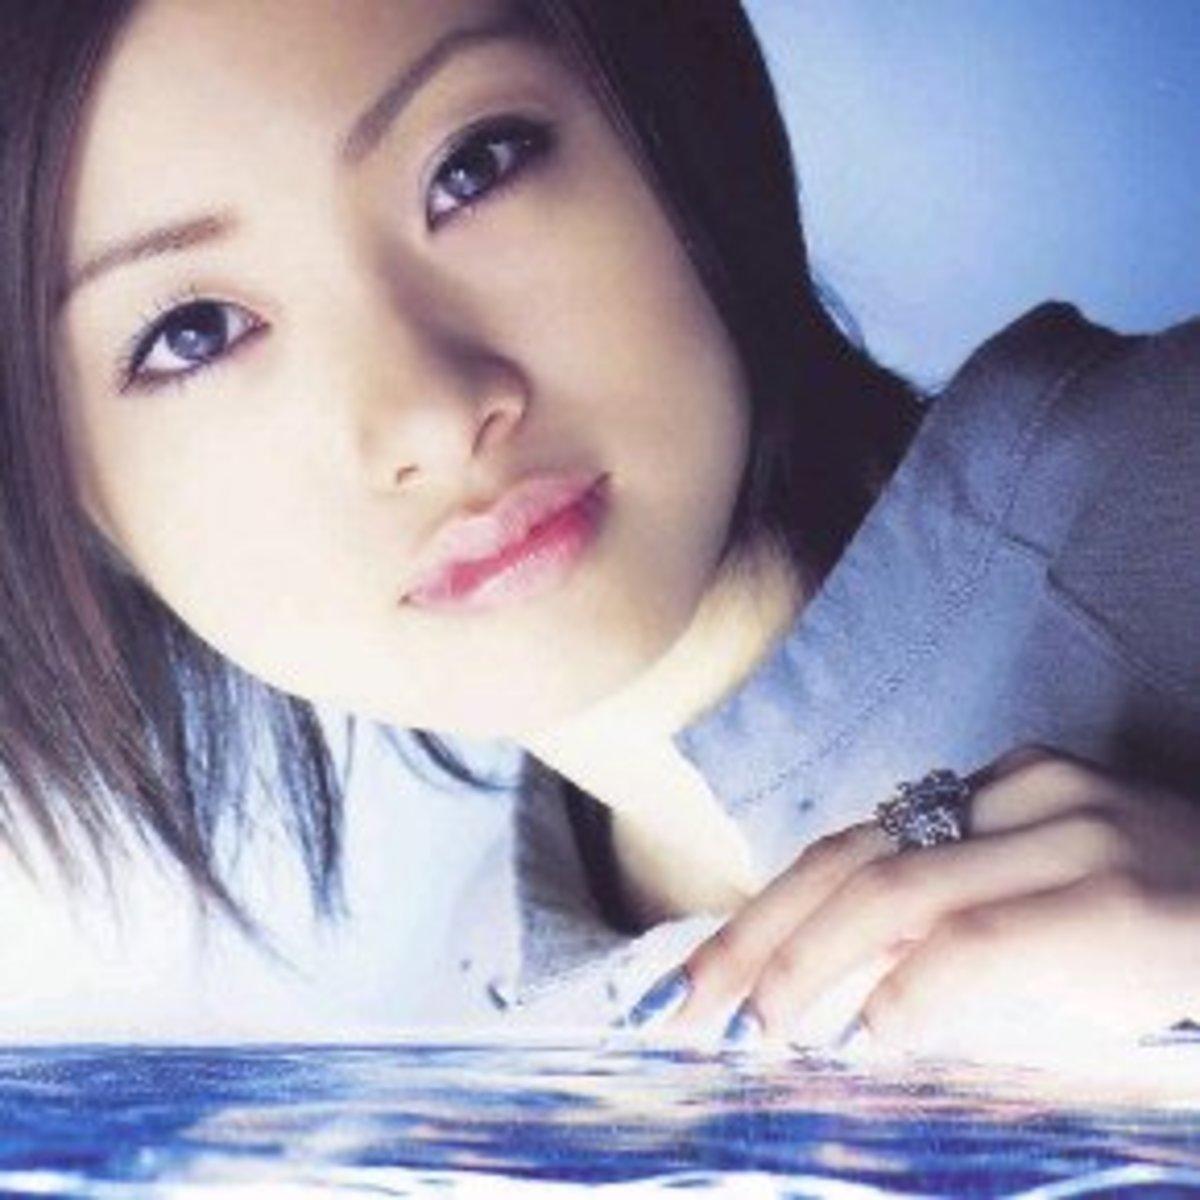 Japanese male wearing lip gloss.